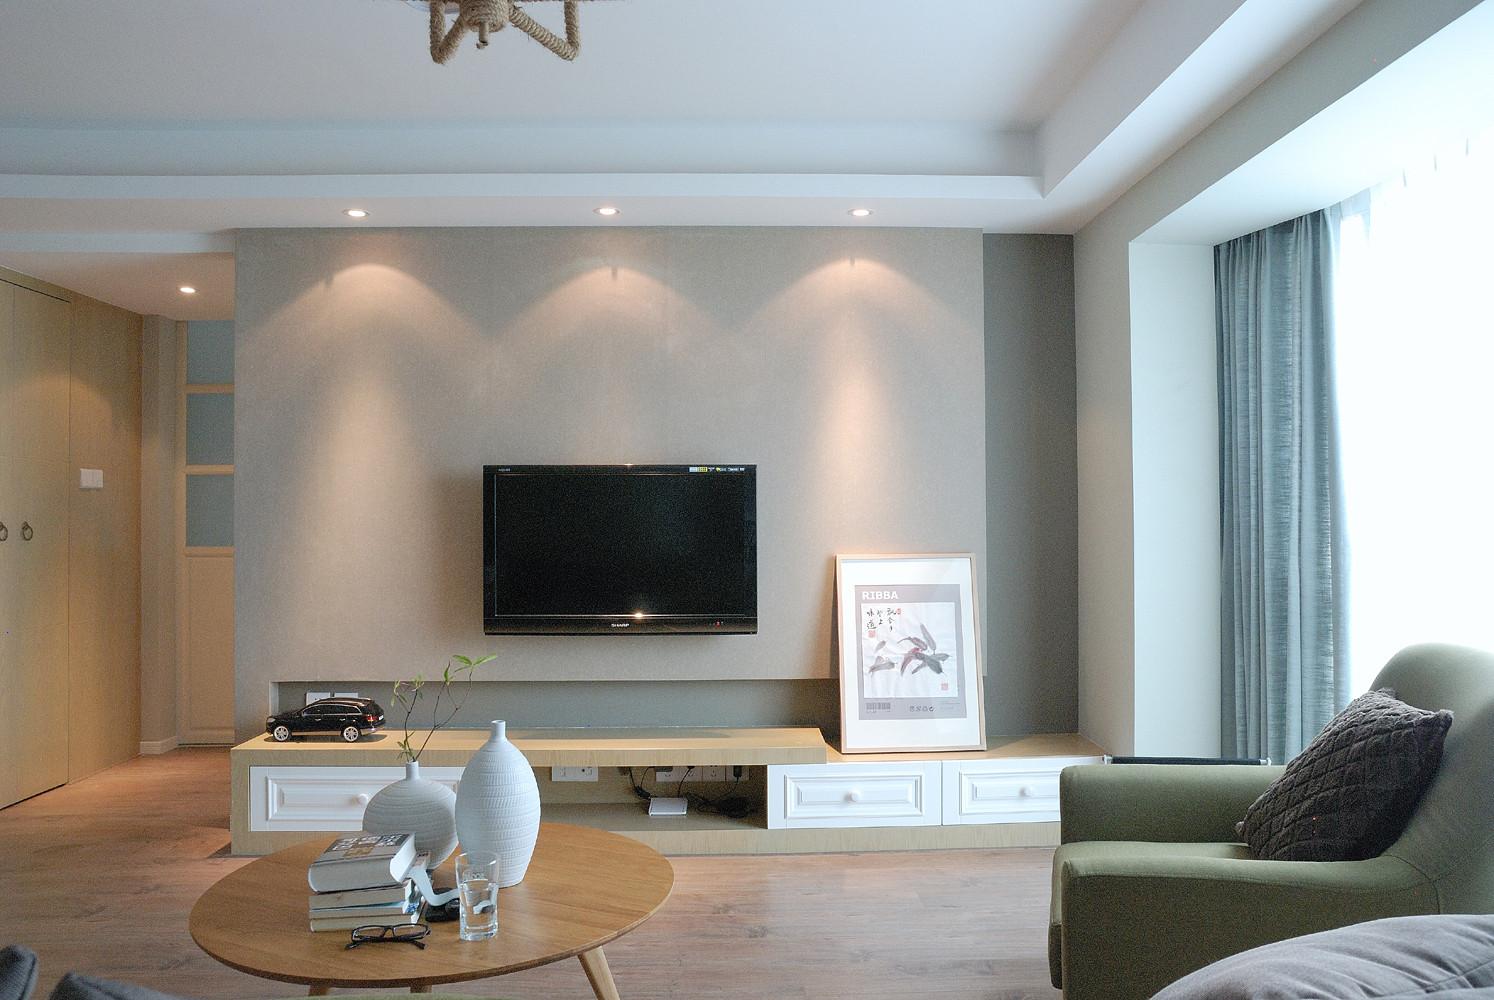 120平北欧风格家电视背景墙图片